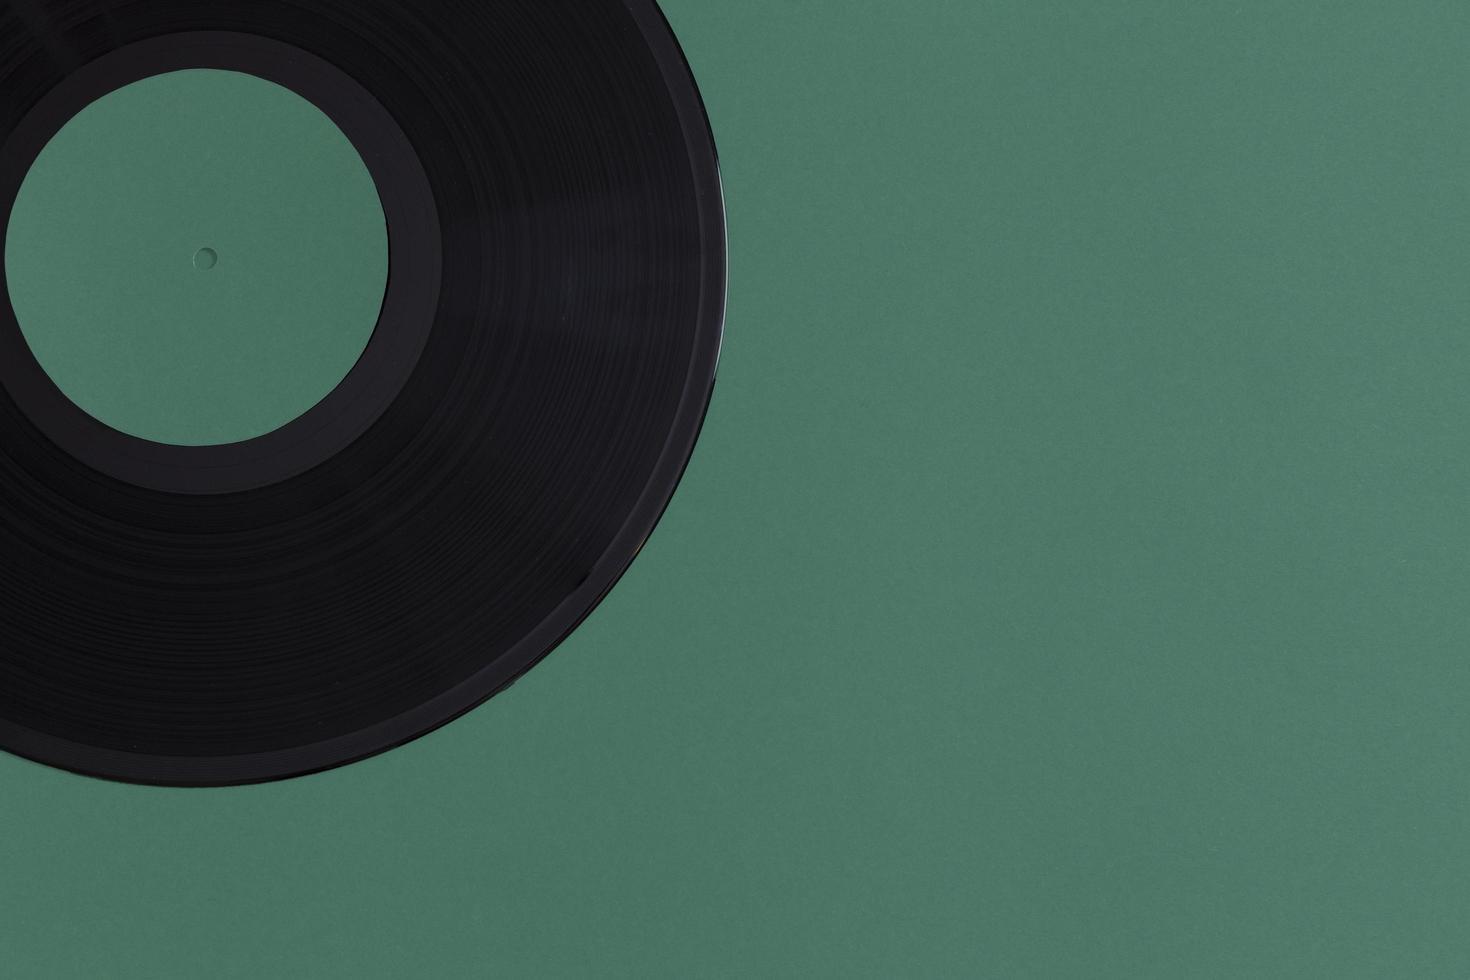 composition de disque vinyle à plat photo